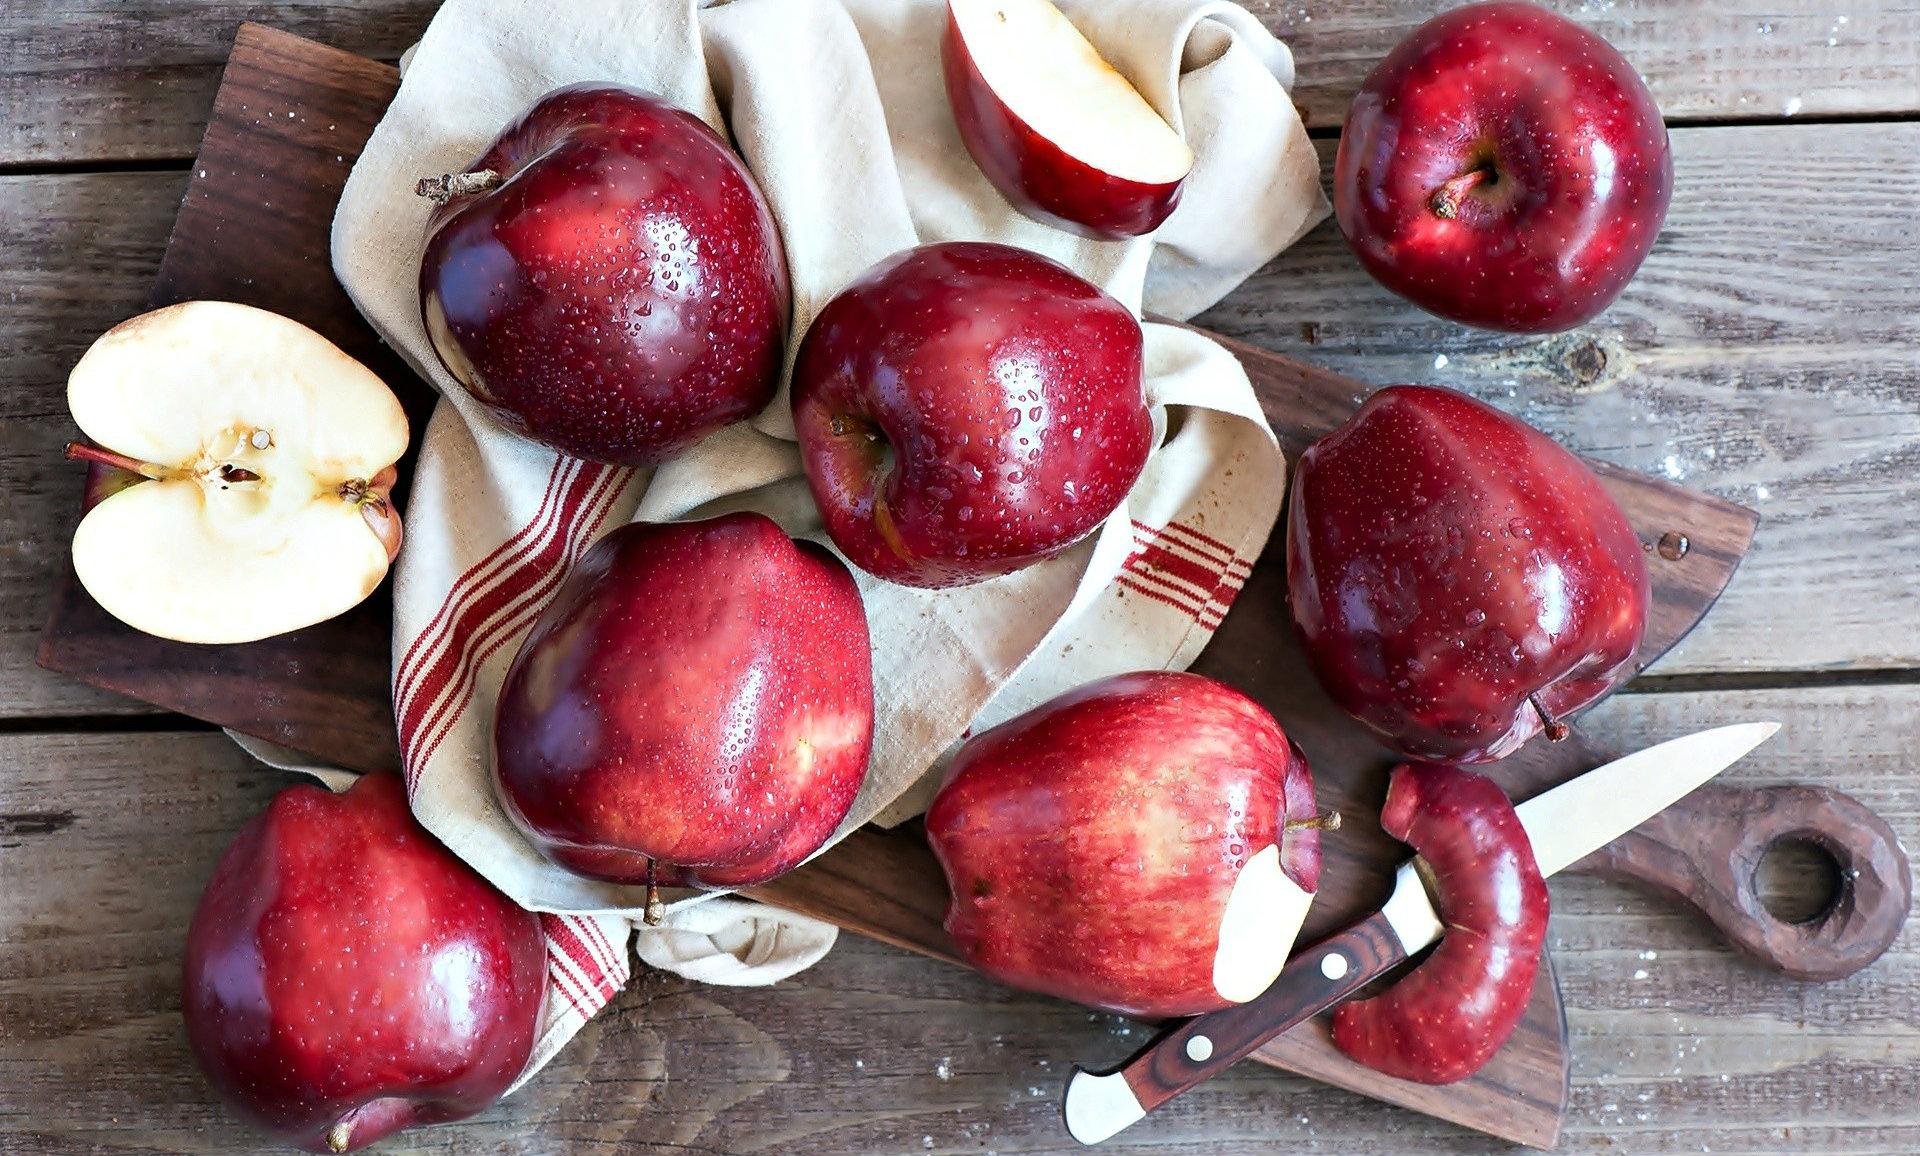 z-1 Pieczone jabłka - Pyszna przekąska dla osób na diecie